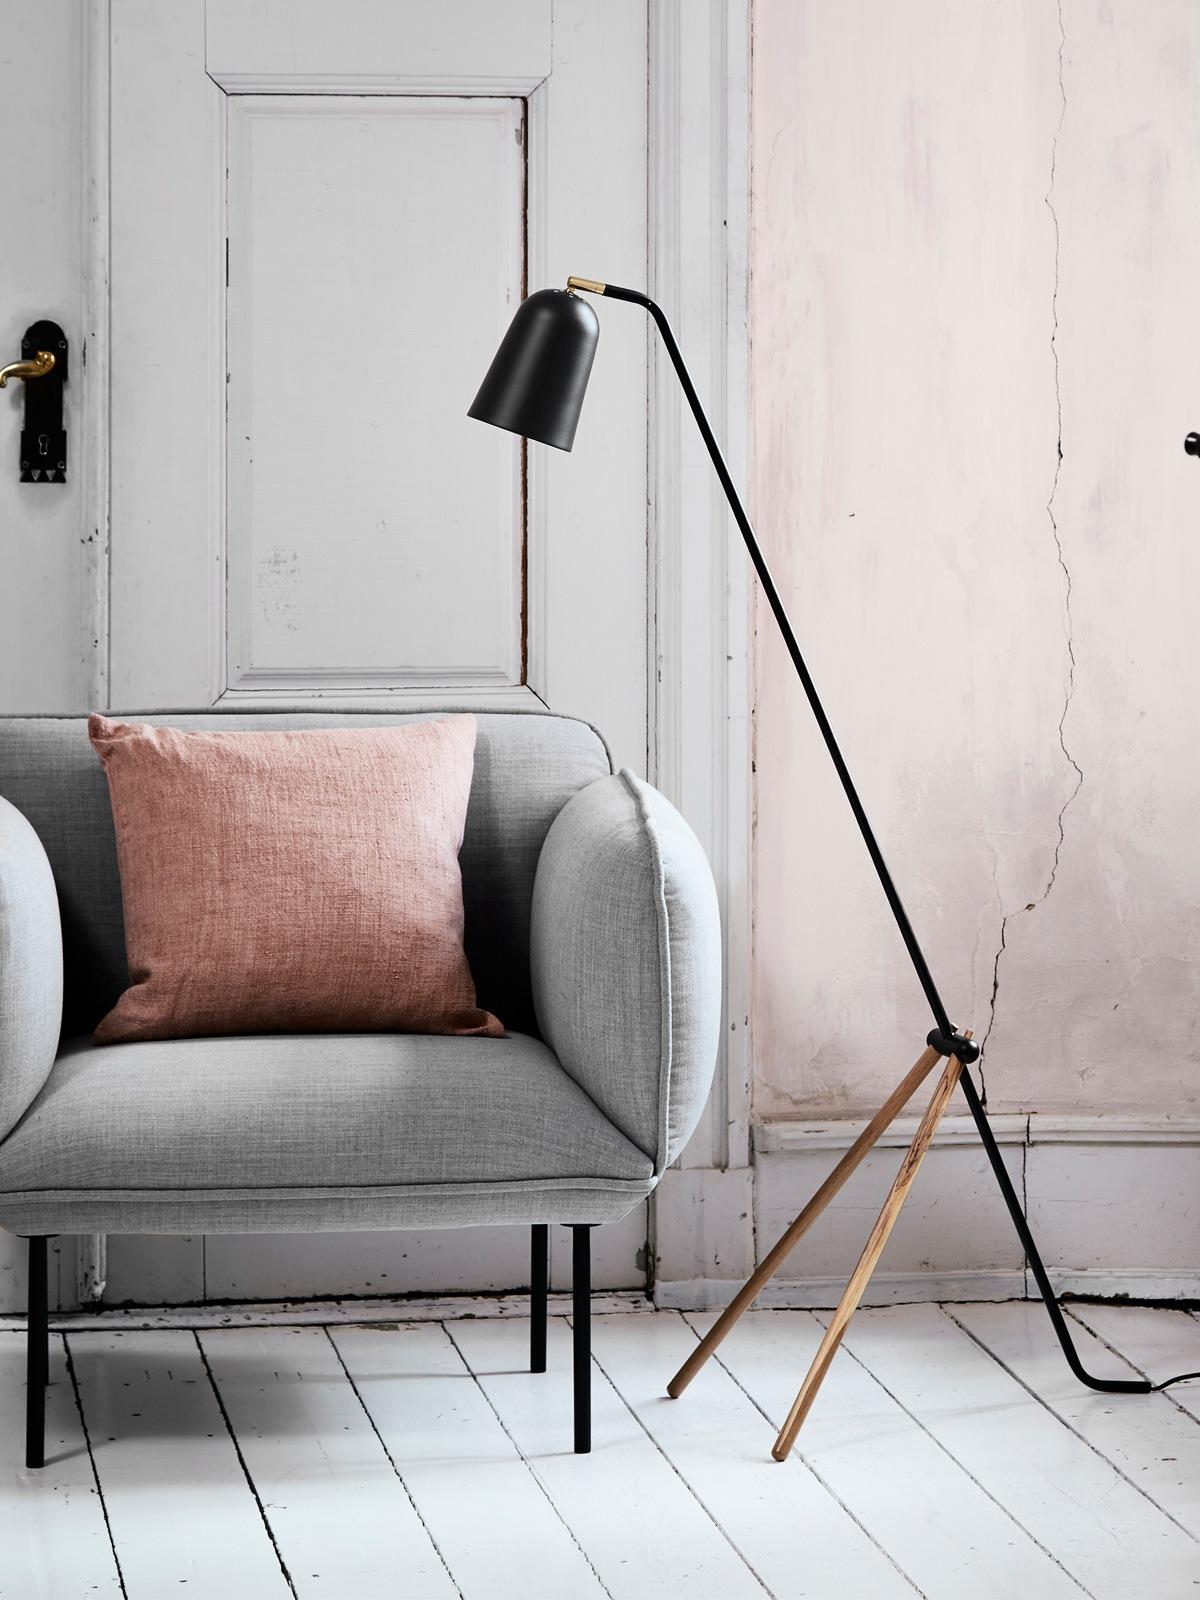 DesignOrt Lampenblog: Frandsen Leuchte Giraffe Floor Lamp Stehleuchte DesignOrt Onlineshop Lampen Berlin